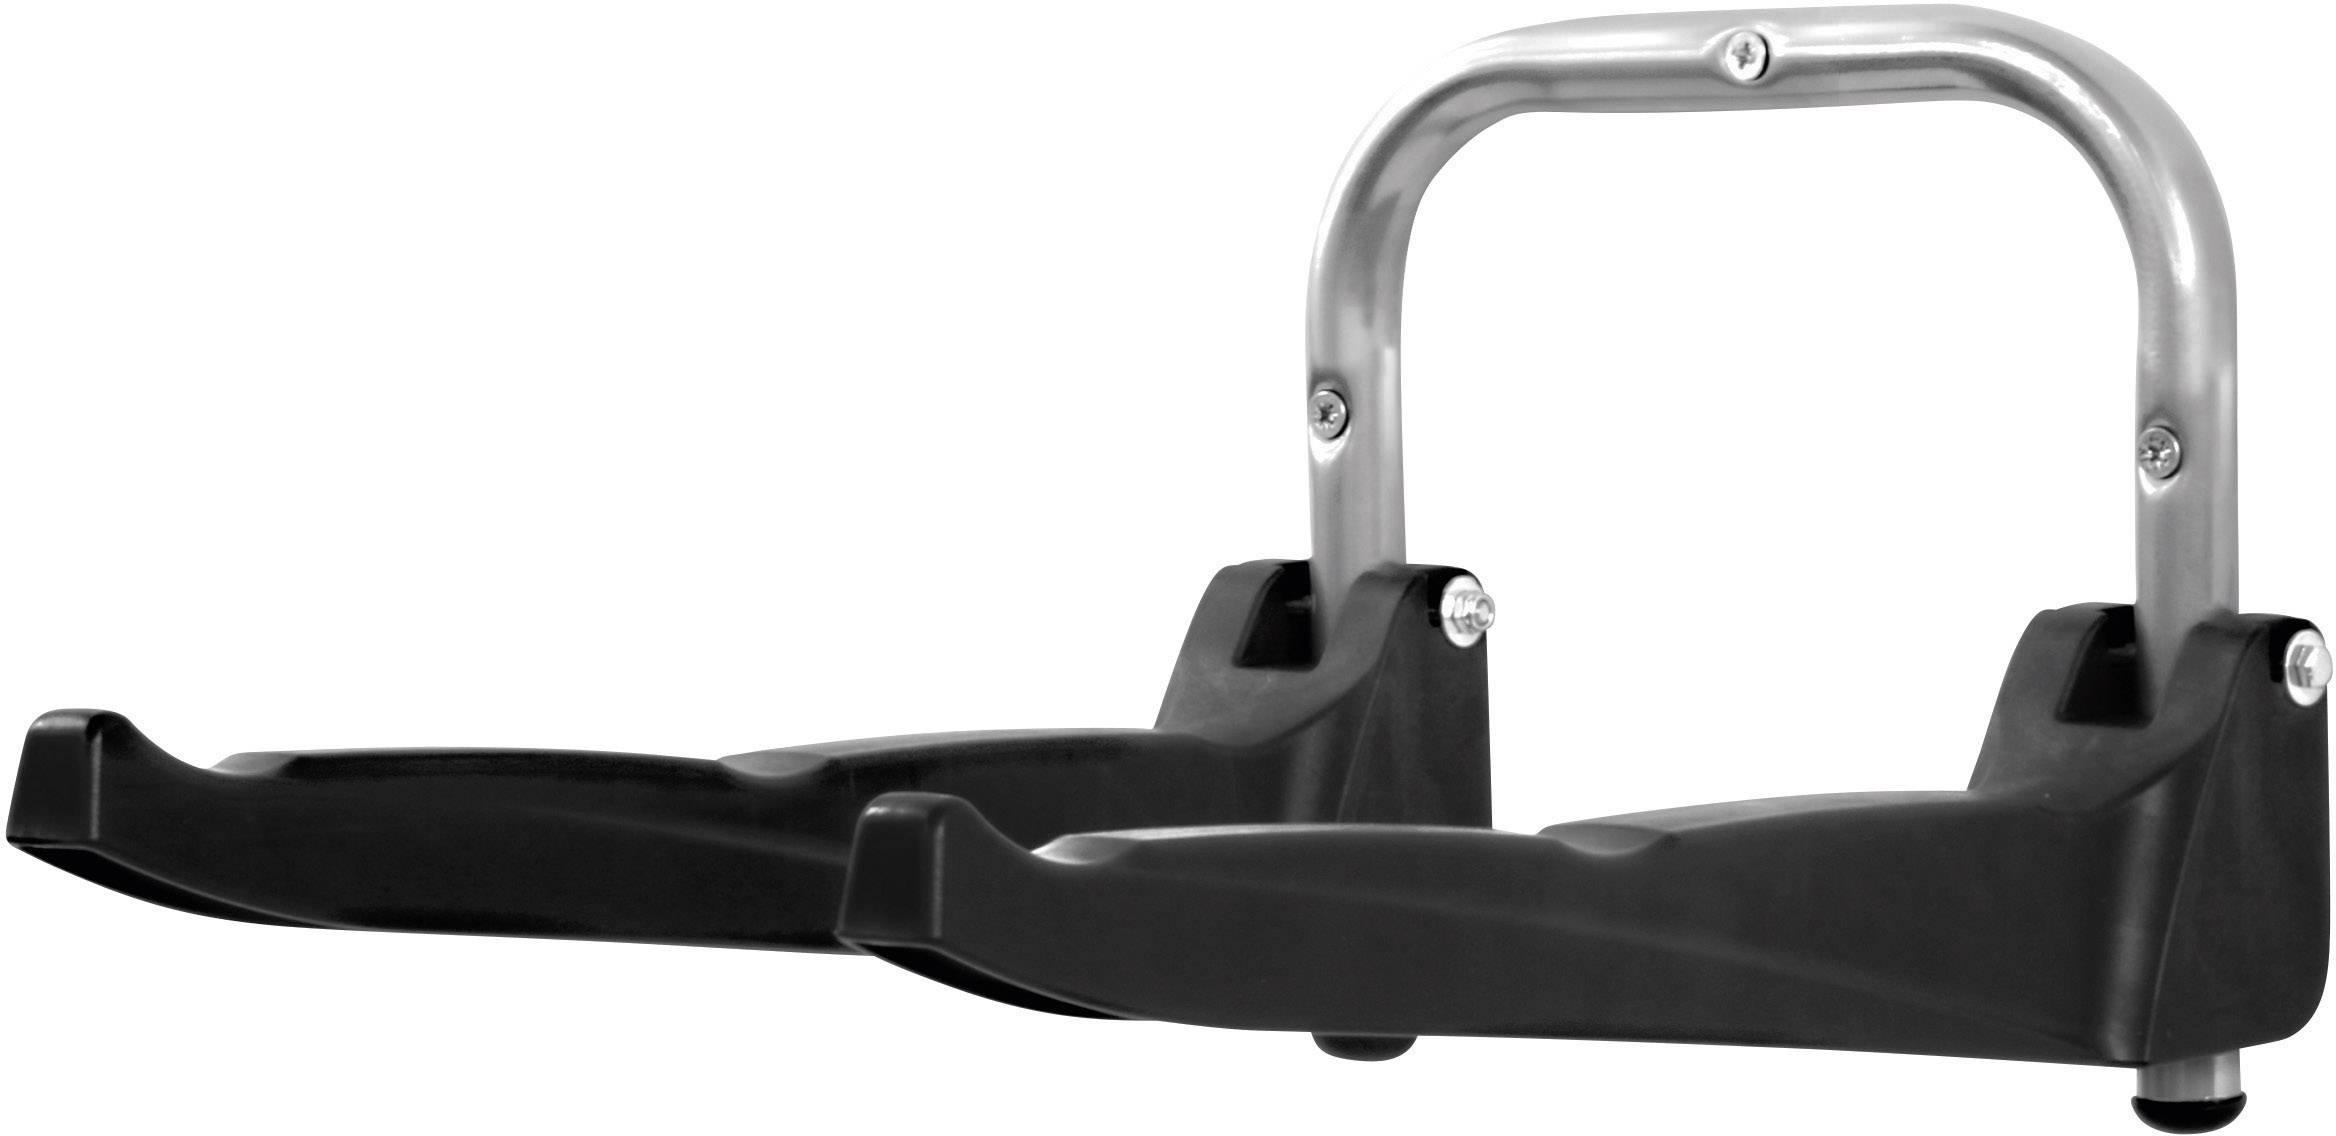 Nástenný držiak na bicykel, sklopiteľný 000371, hliník, umelá hmota, striebornočierná